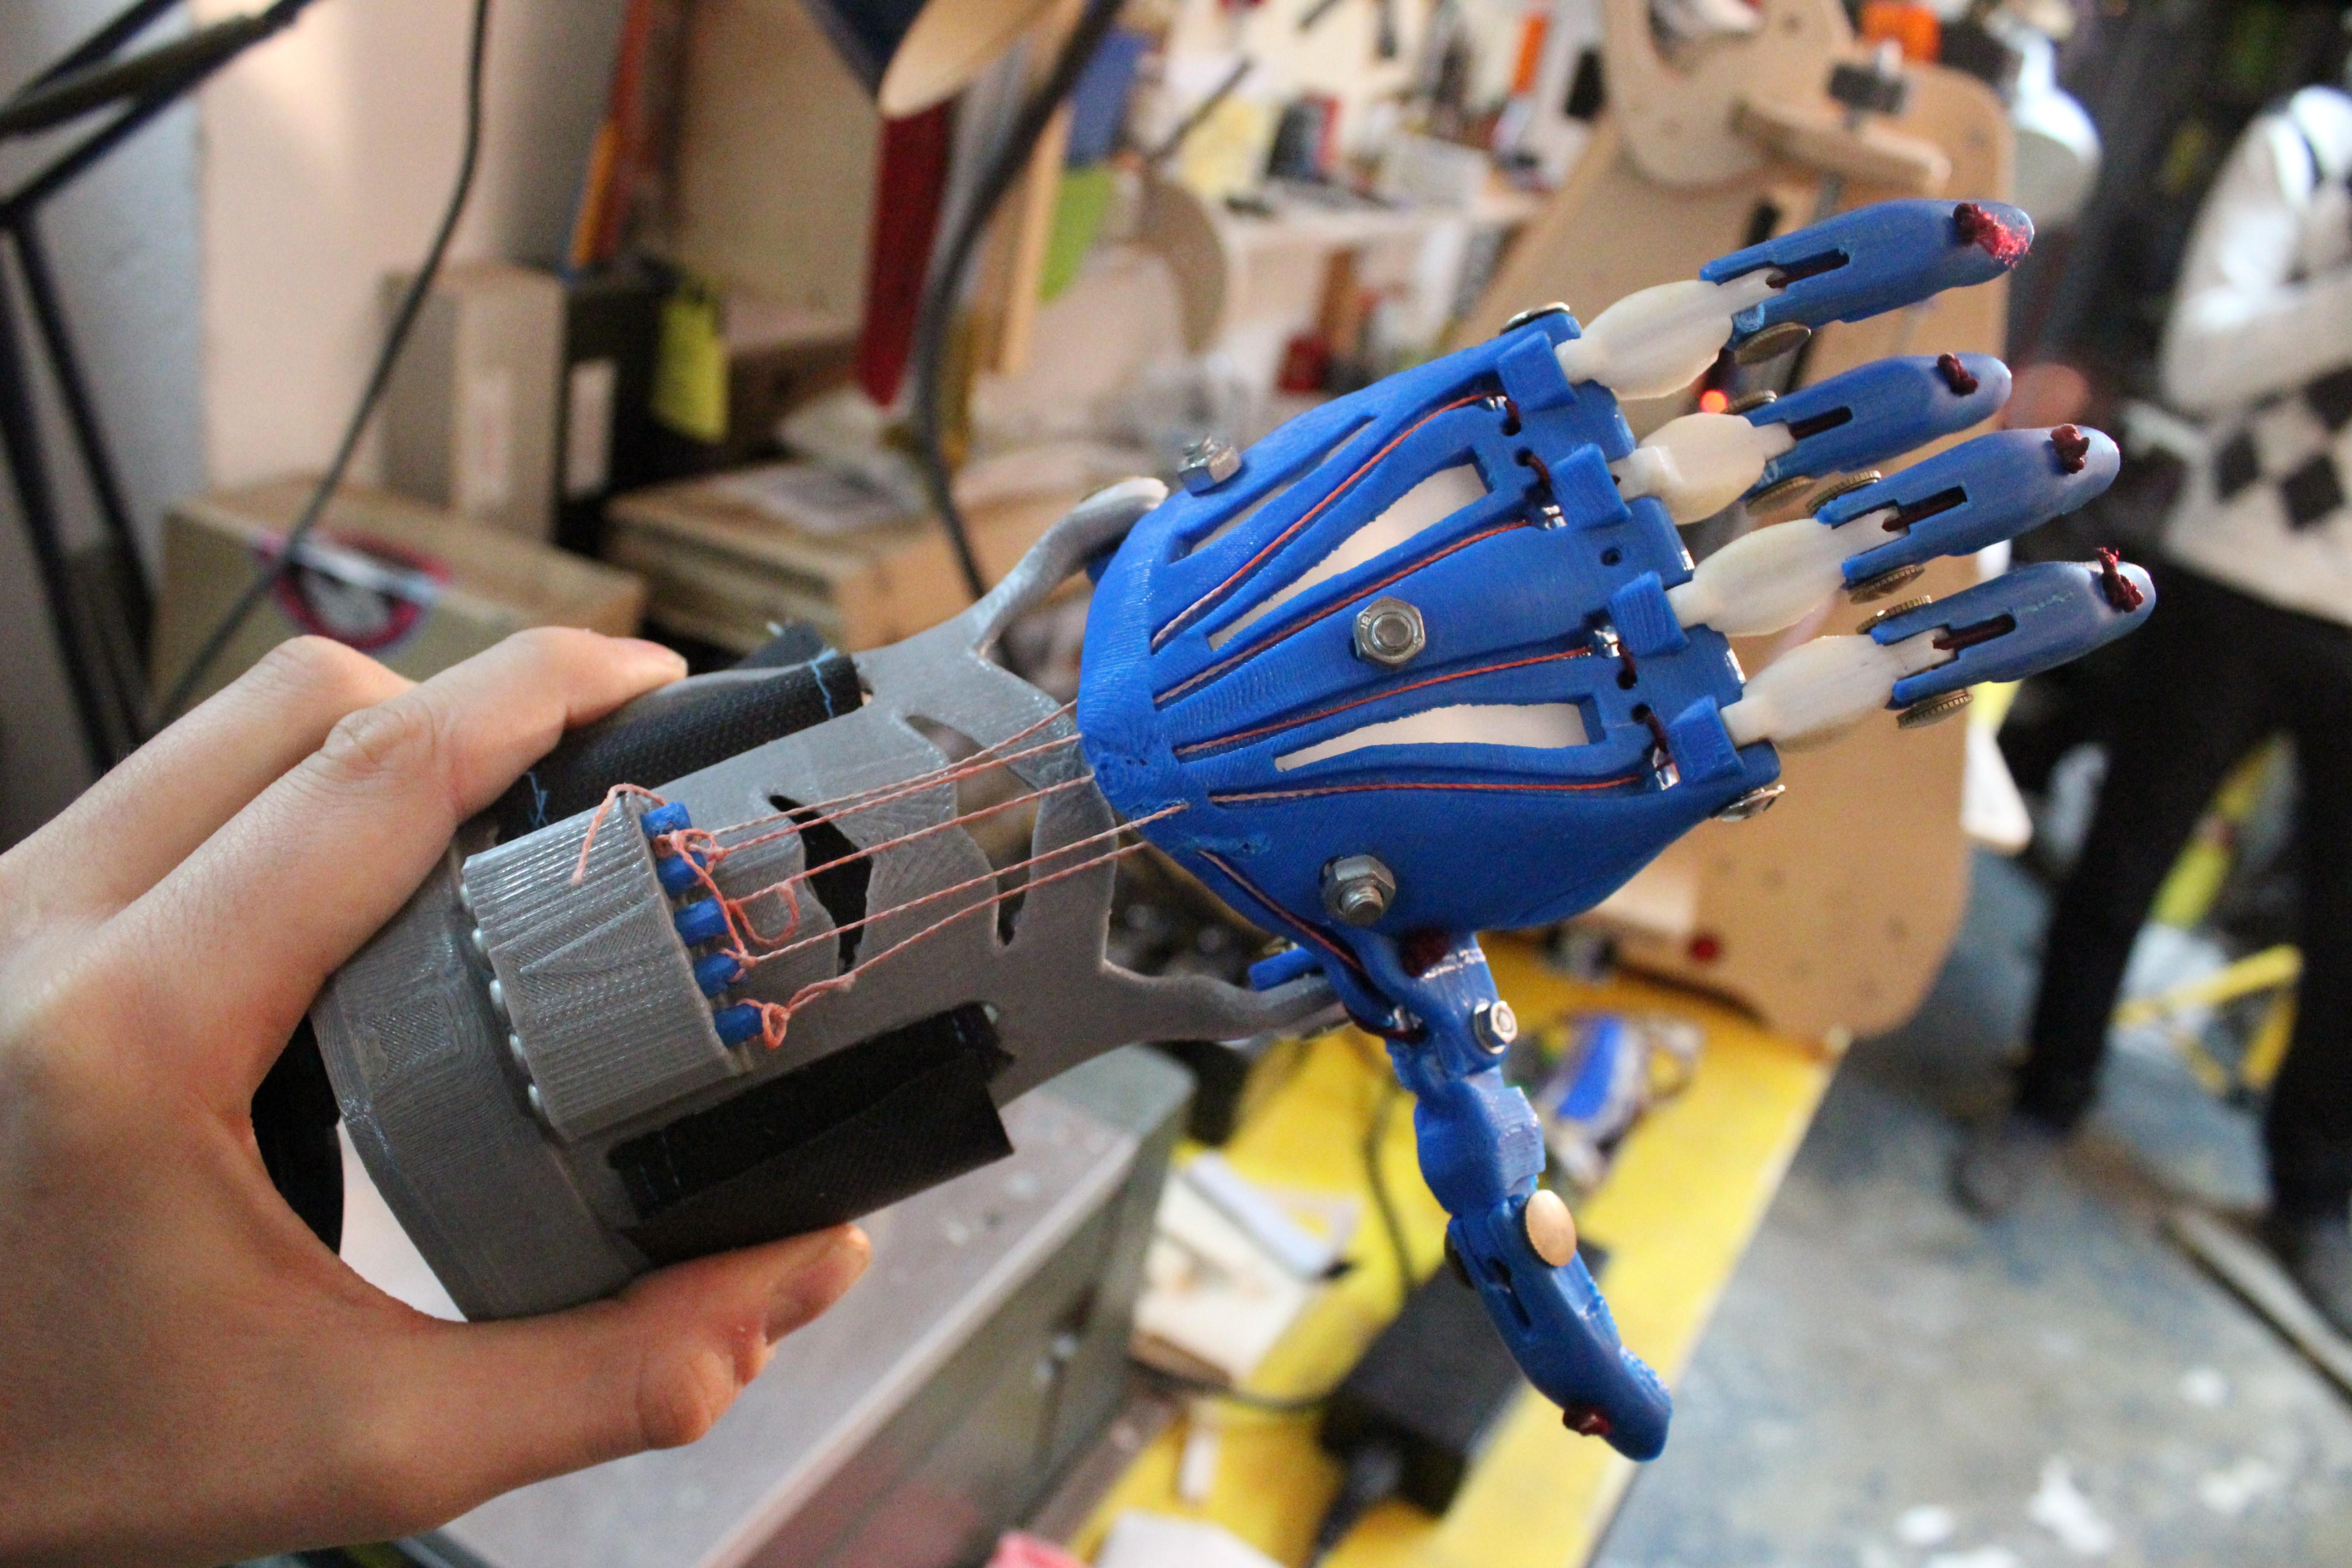 La protesi per la mano di un bambino creata con la stampante 3d